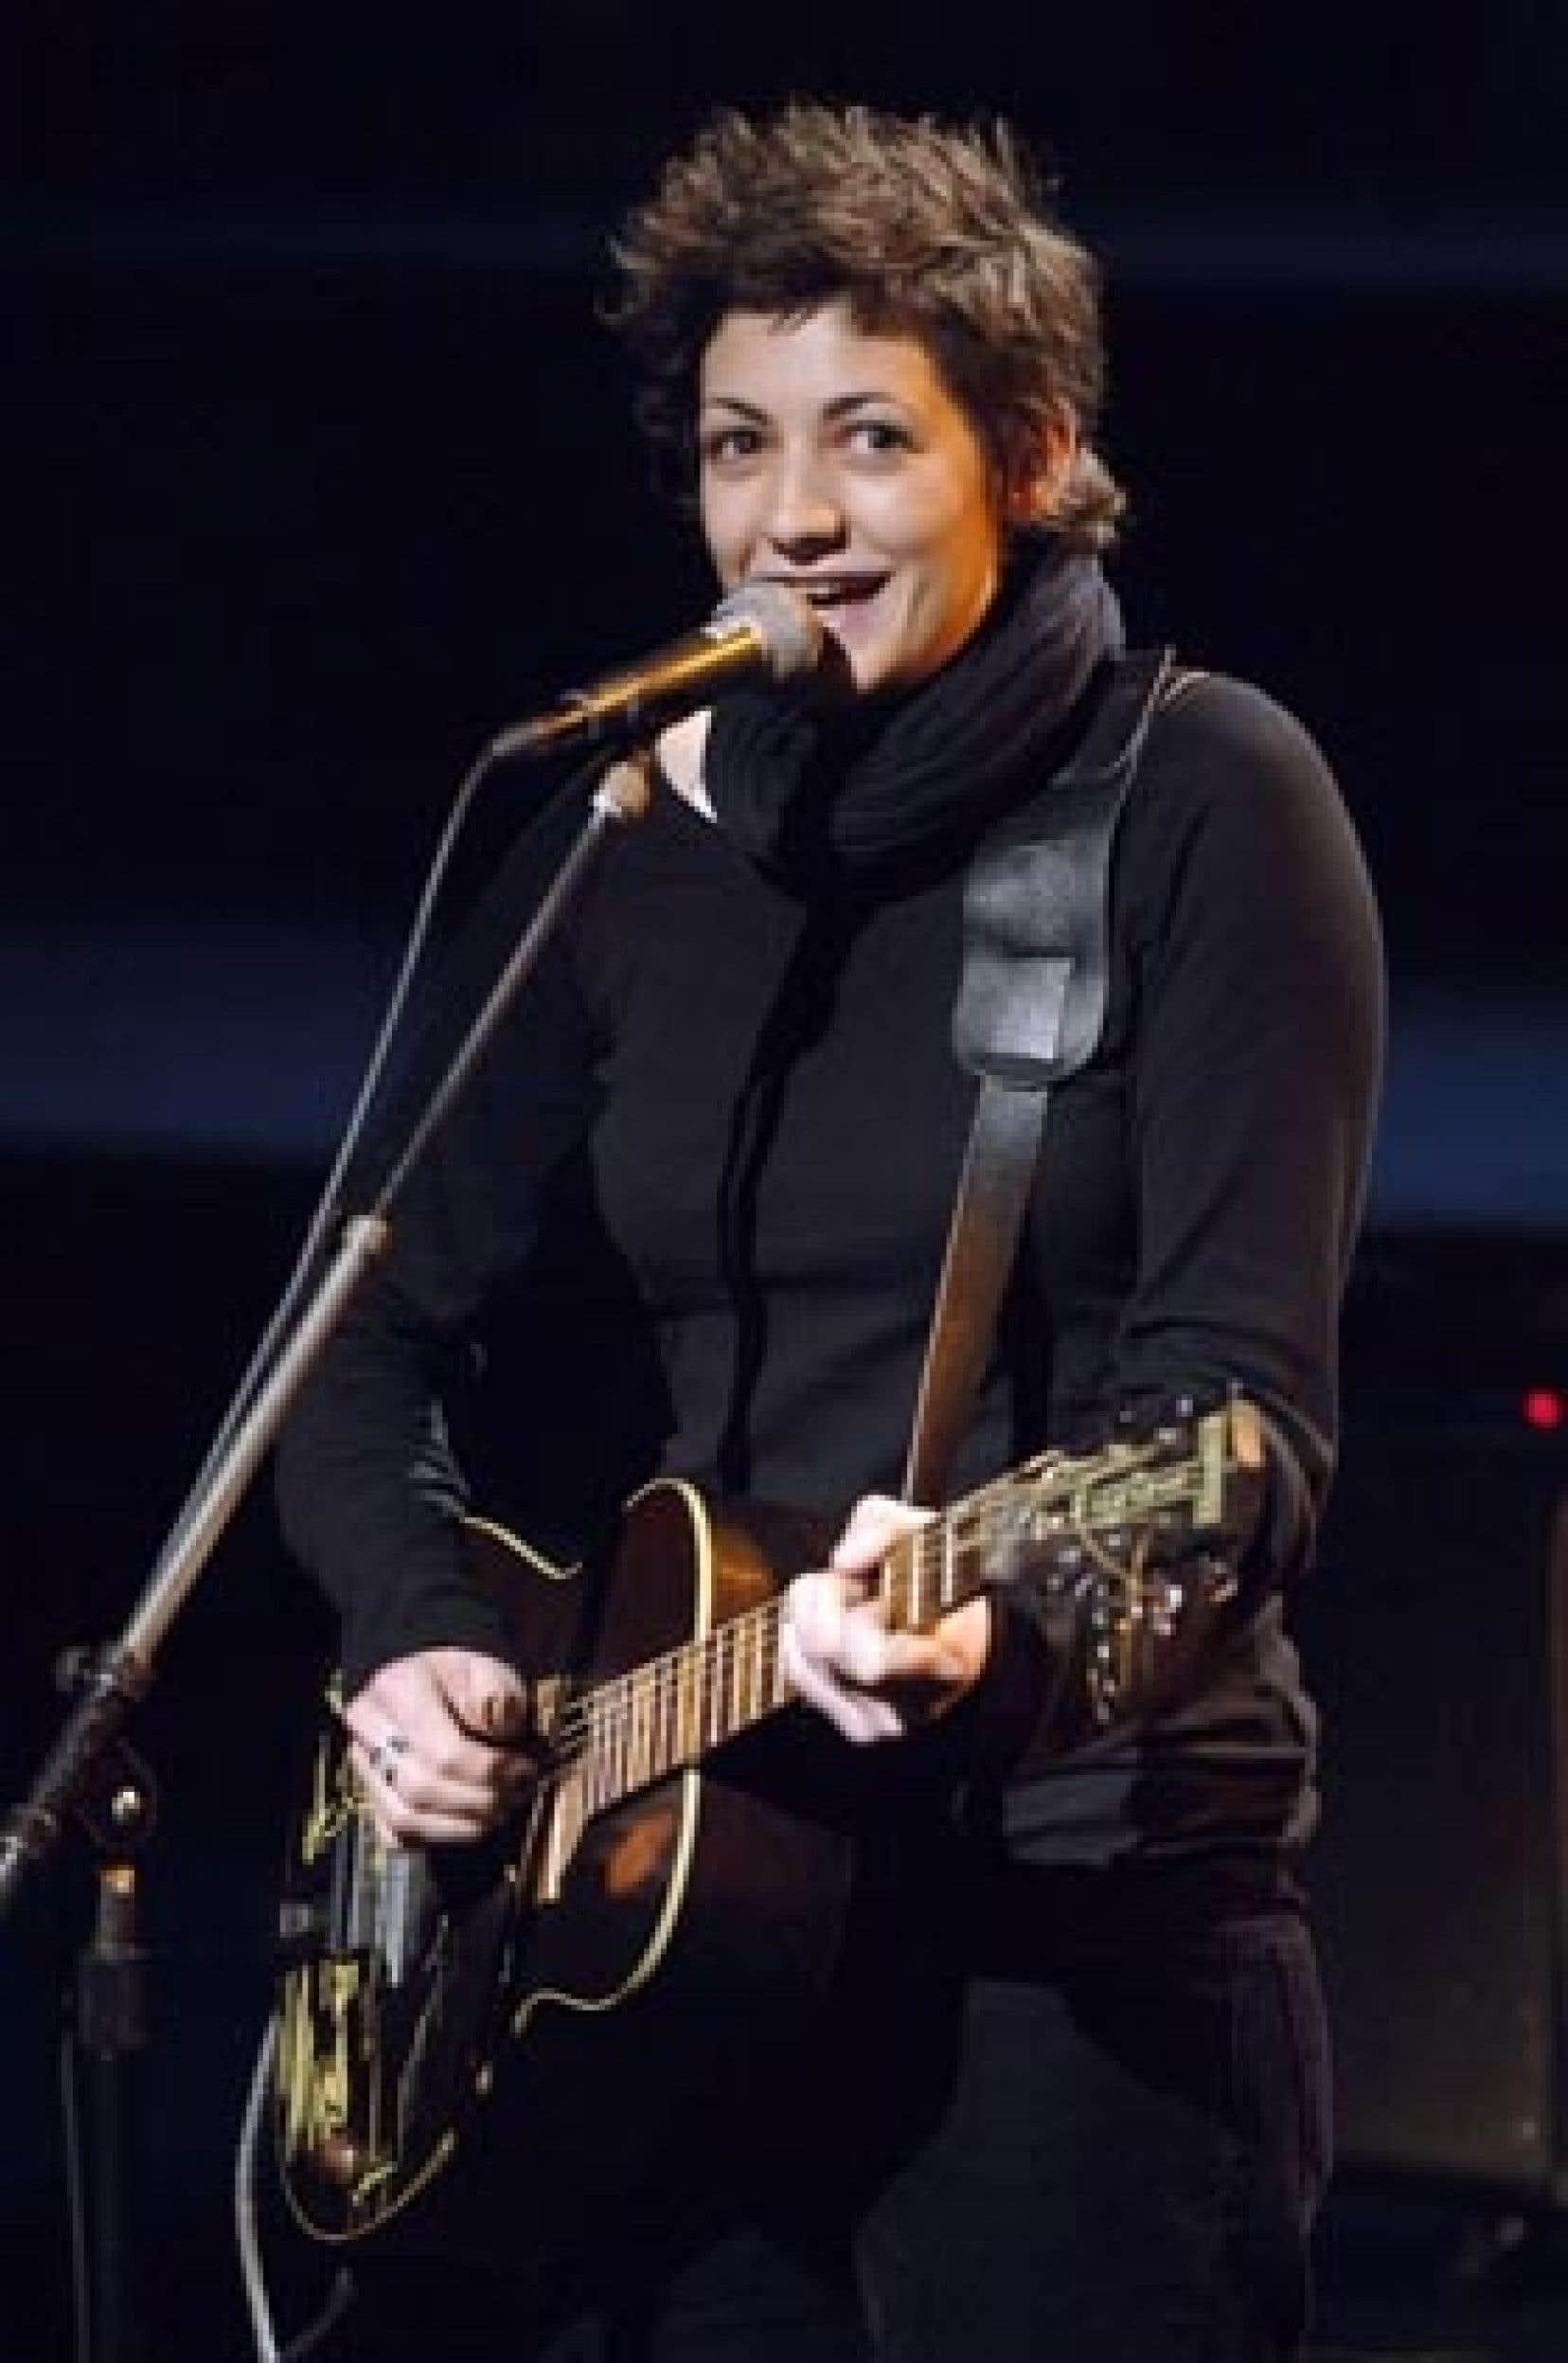 Coup de coeur l'année dernière, l'énergique chanteuse française MeLL sera de retour au Festival, qui s'en est amouraché.